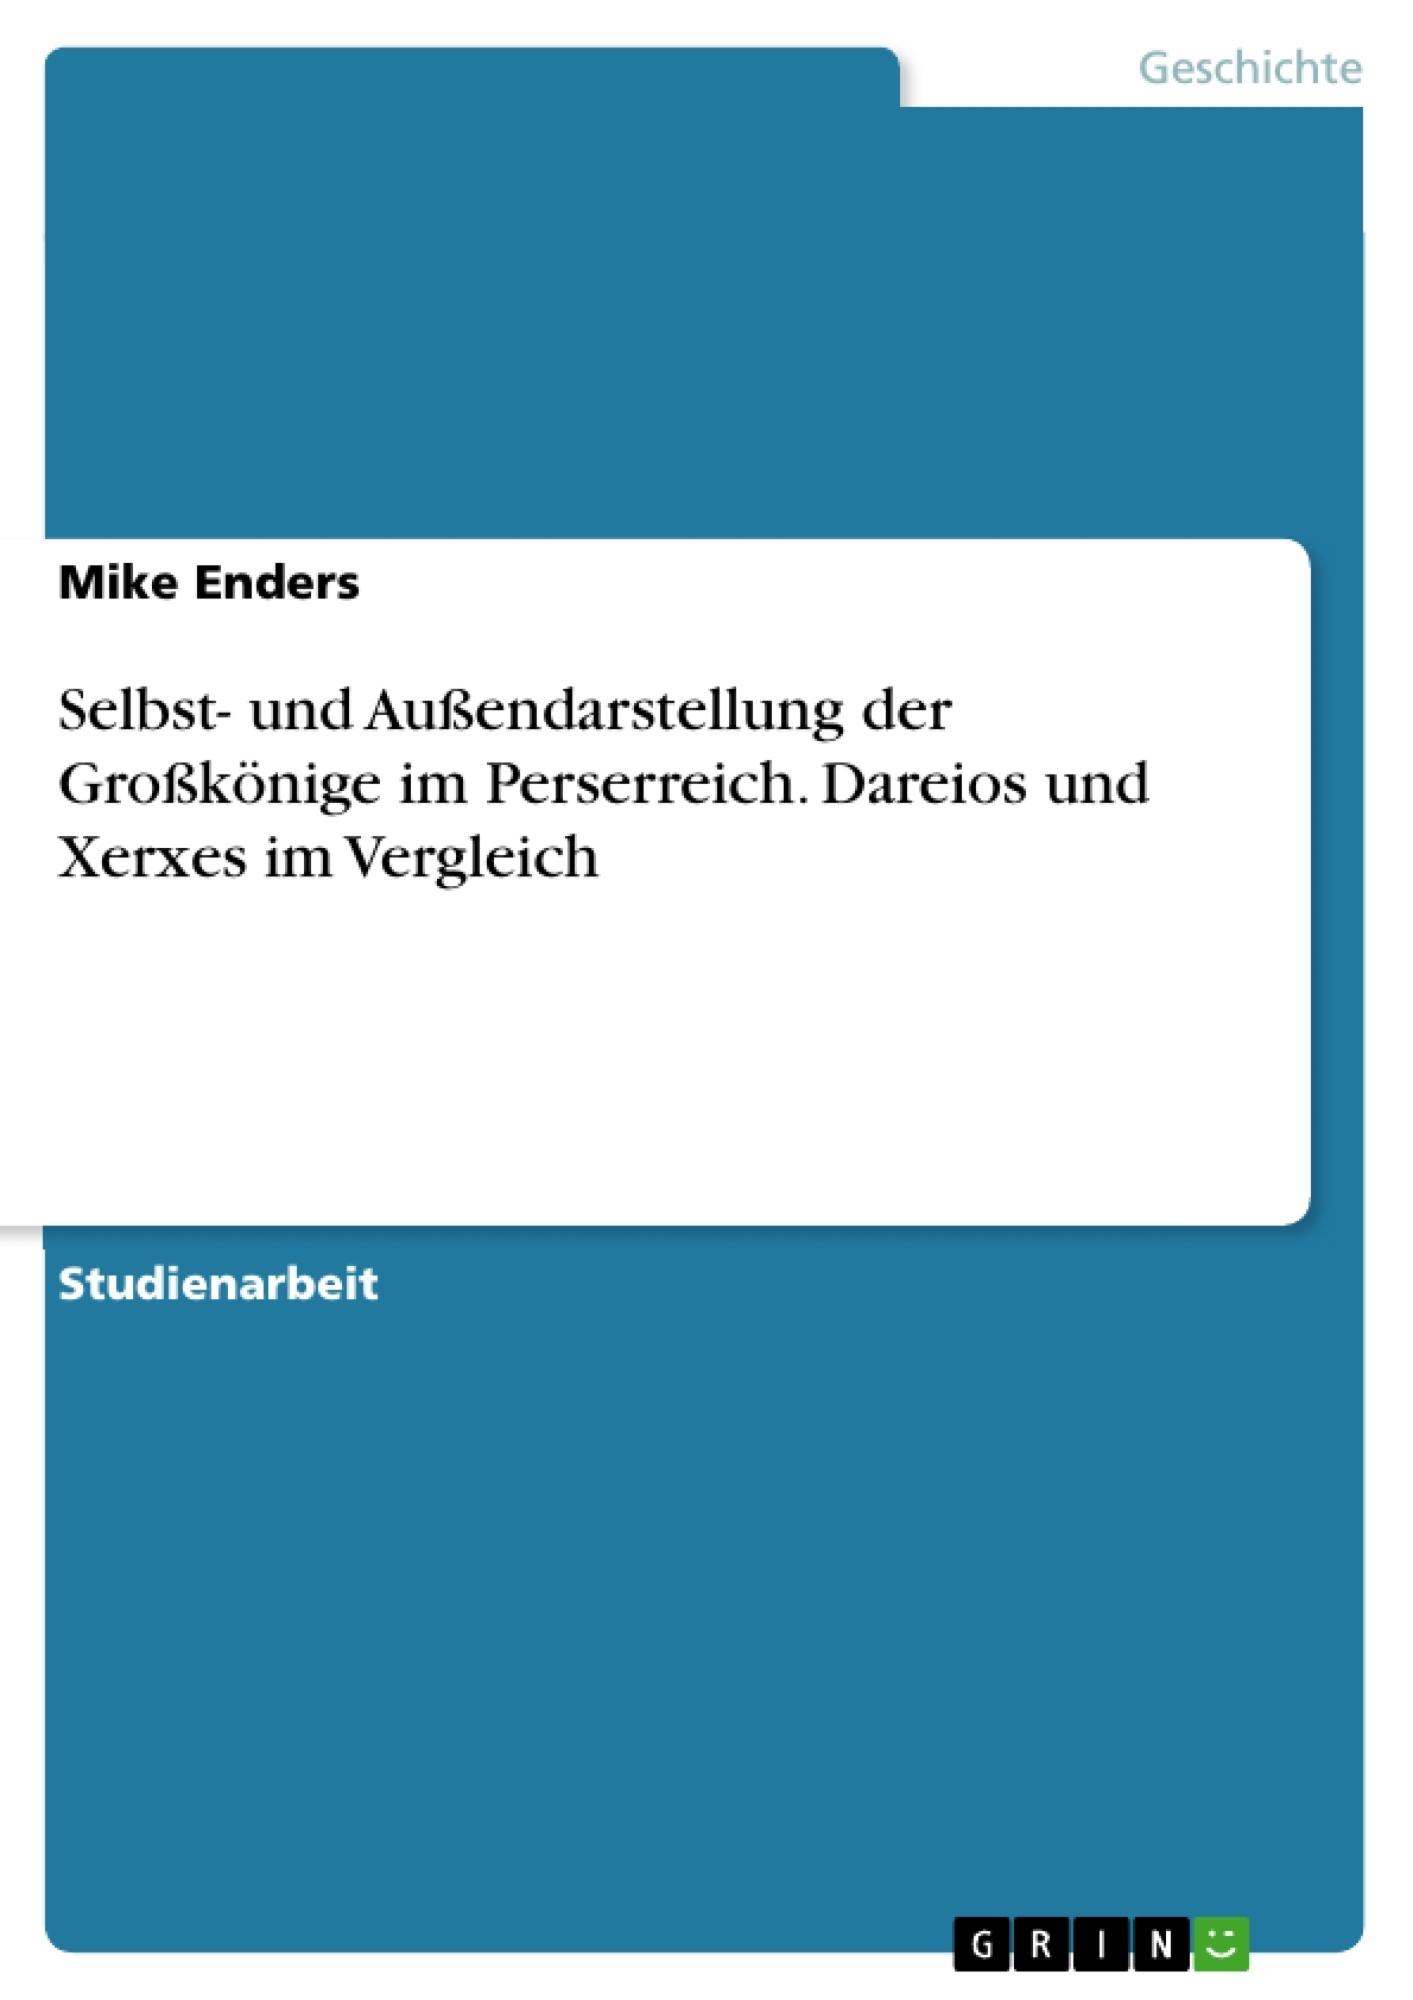 Titel: Selbst- und Außendarstellung der Großkönige im Perserreich. Dareios und Xerxes im Vergleich